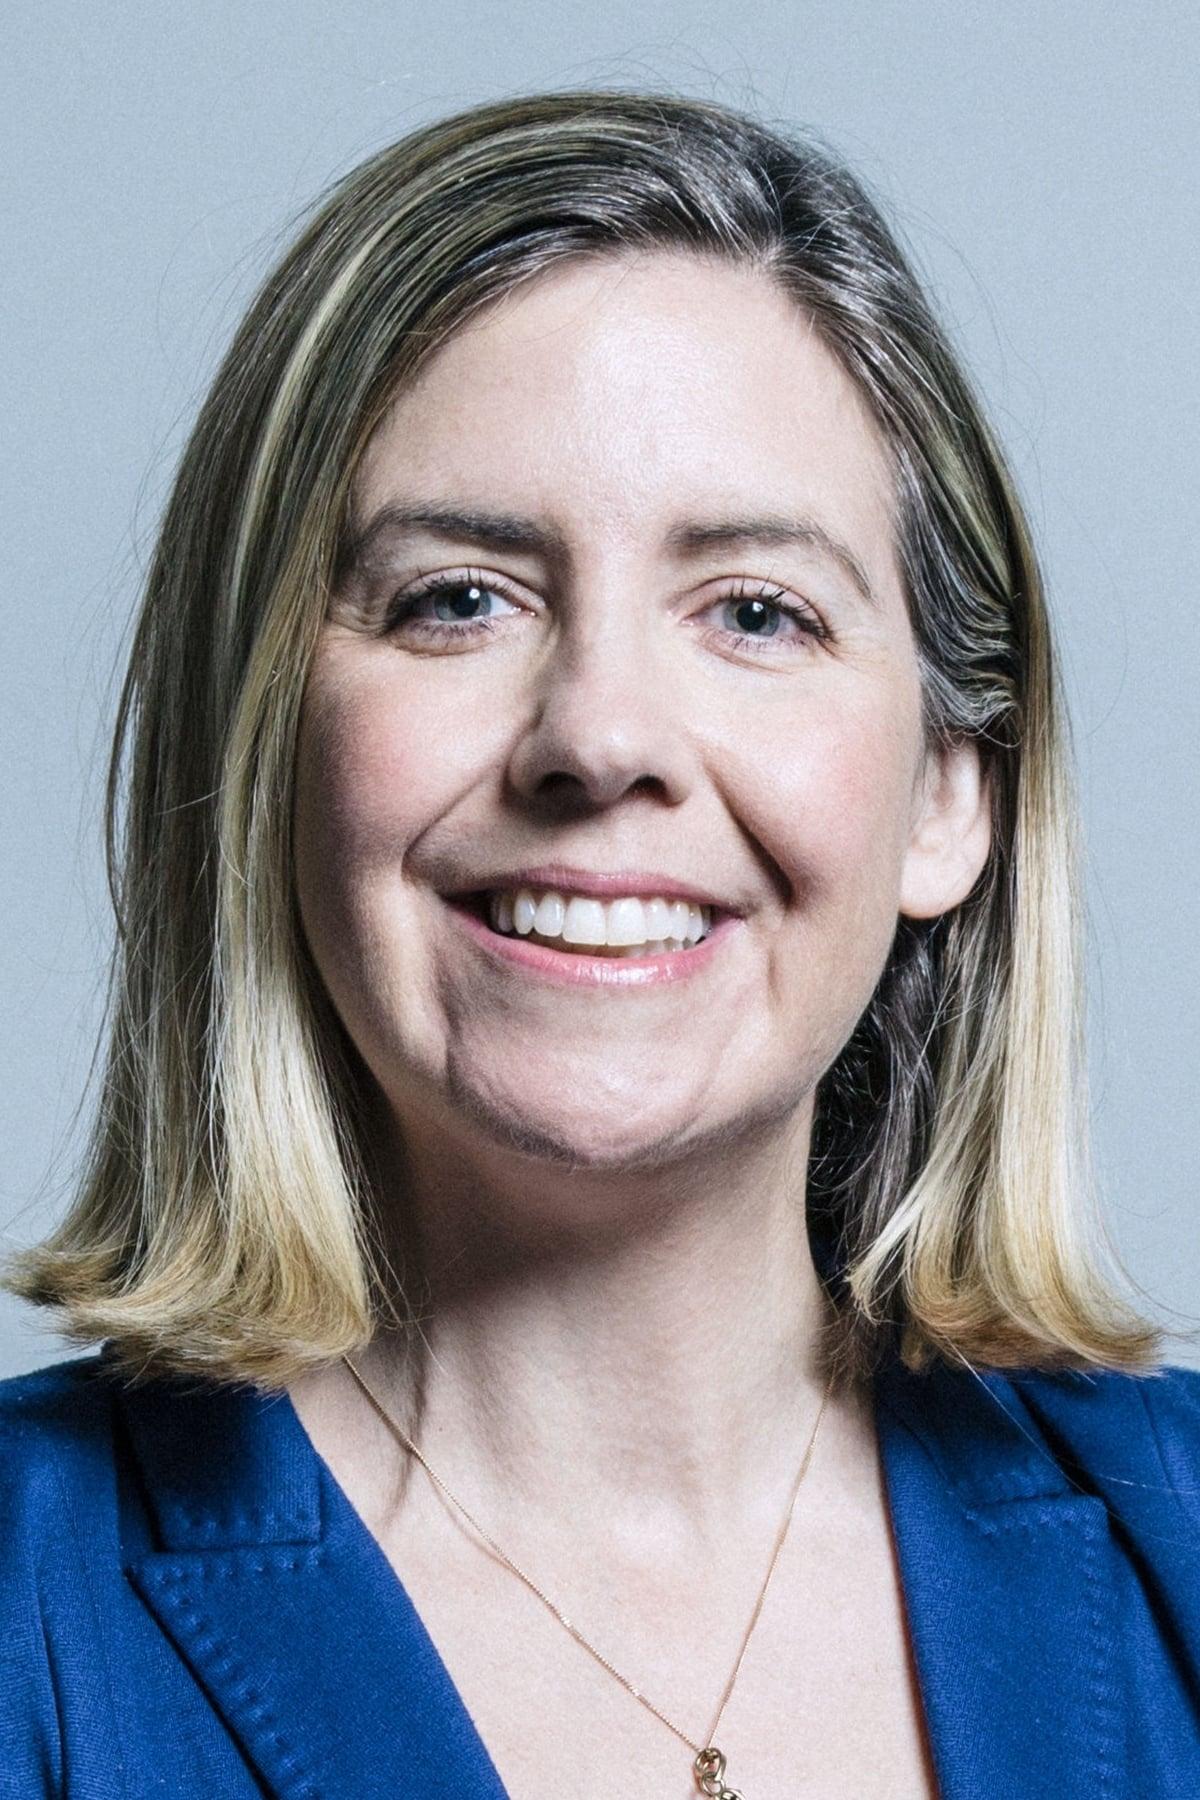 Andrea Jenkyns